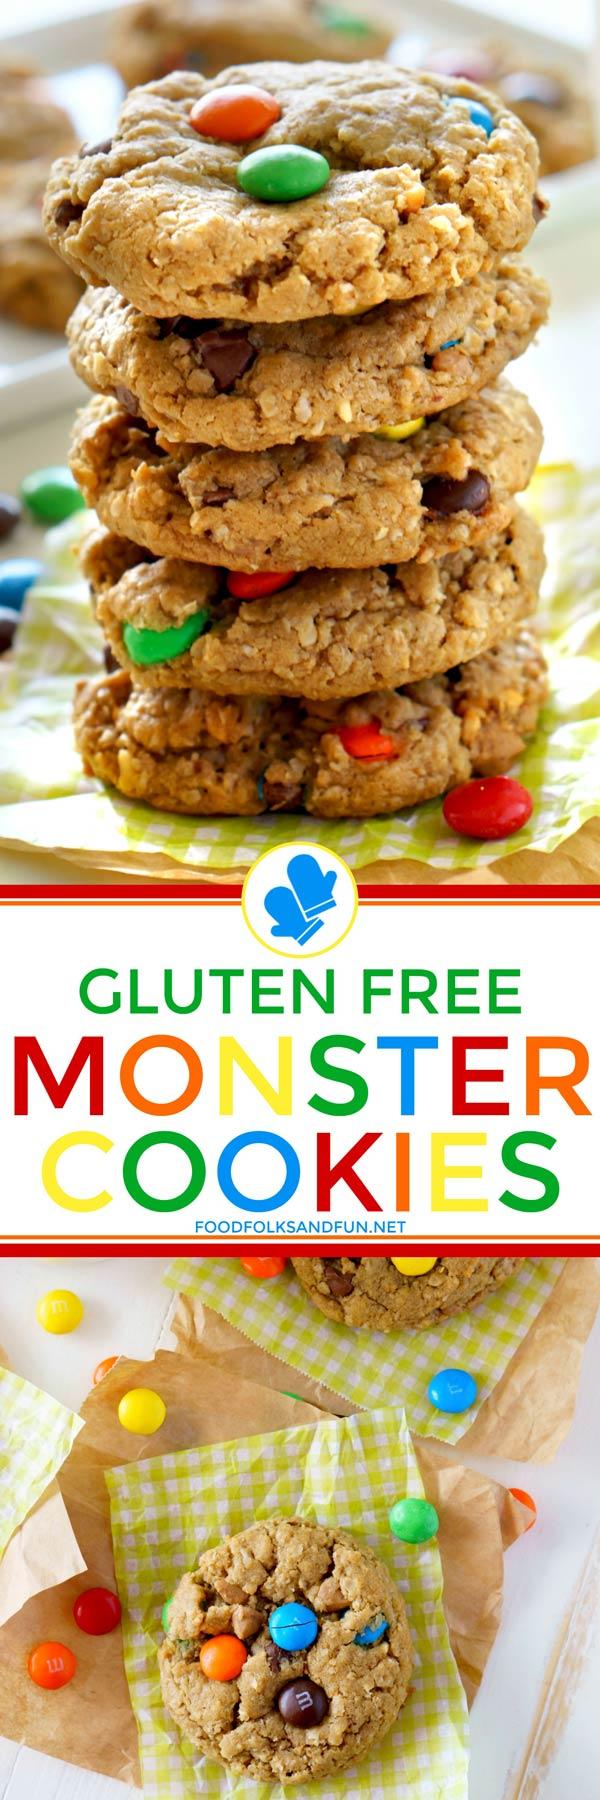 Gluten-Free Monster Cookies Recipe